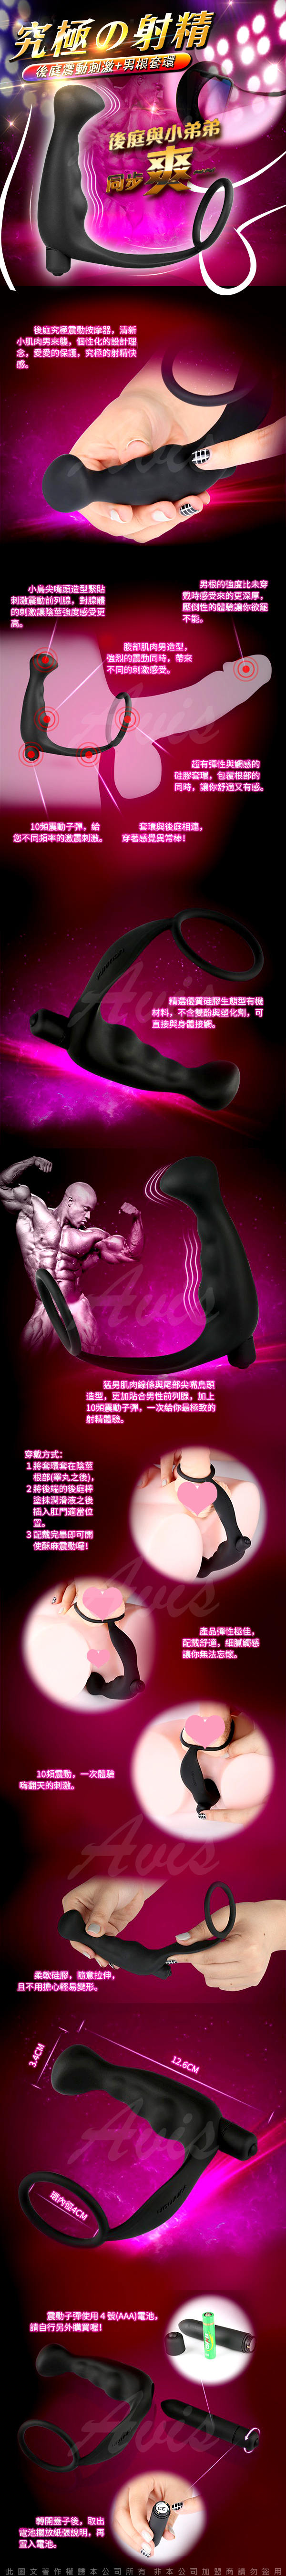 究極射精 10段變頻震動鎖精後庭前列腺震動器